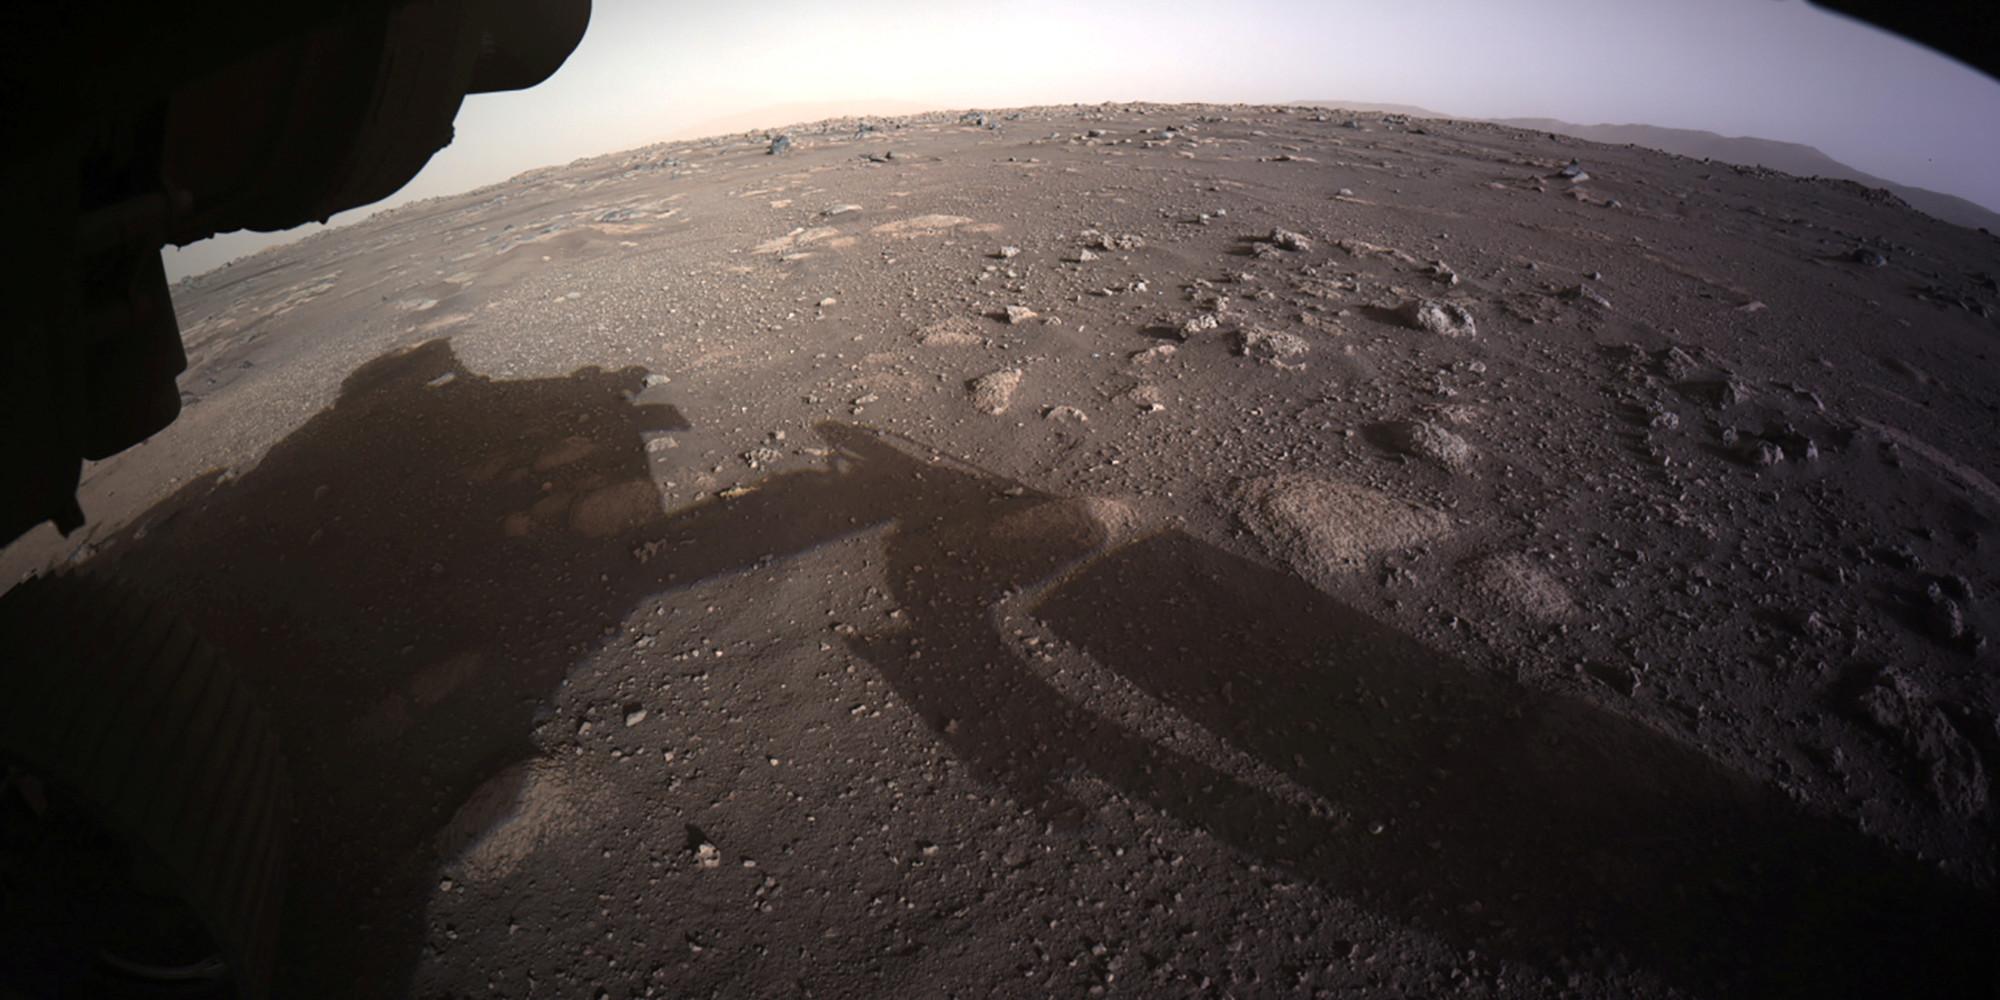 Conquête spatiale : l'exploration de Mars ne cache-t-elle pas des objectifs plus proches de Jupiter? - Le Journal du dimanche